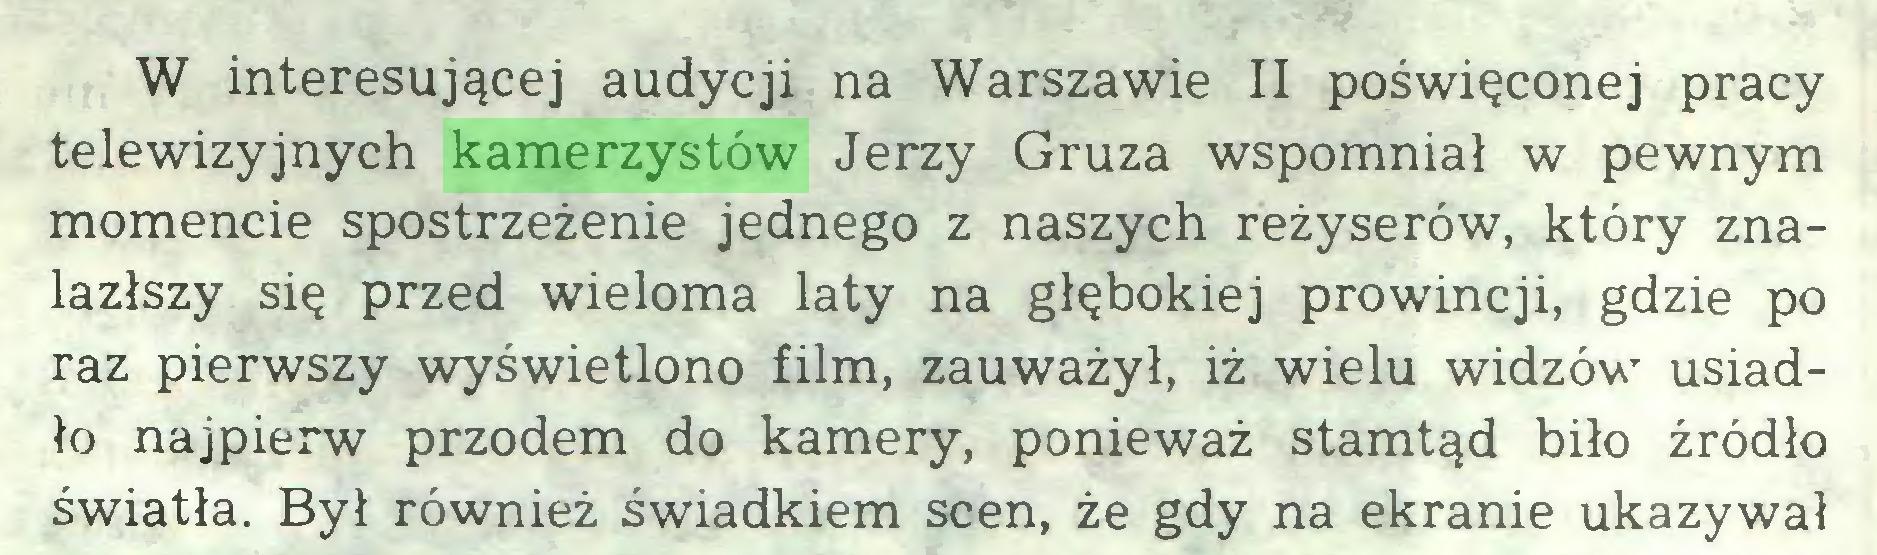 (...) W interesującej audycji na Warszawie II poświęconej pracy telewizyjnych kamerzystów Jerzy Gruza wspomniał w pewnym momencie spostrzeżenie jednego z naszych reżyserów, który znalazłszy się przed wieloma laty na głębokiej prowincji, gdzie po raz pierwszy wyświetlono film, zauważył, iż wielu widzów usiadło najpierw przodem do kamery, ponieważ stamtąd biło źródło światła. Był również świadkiem scen, że gdy na ekranie ukazywał...